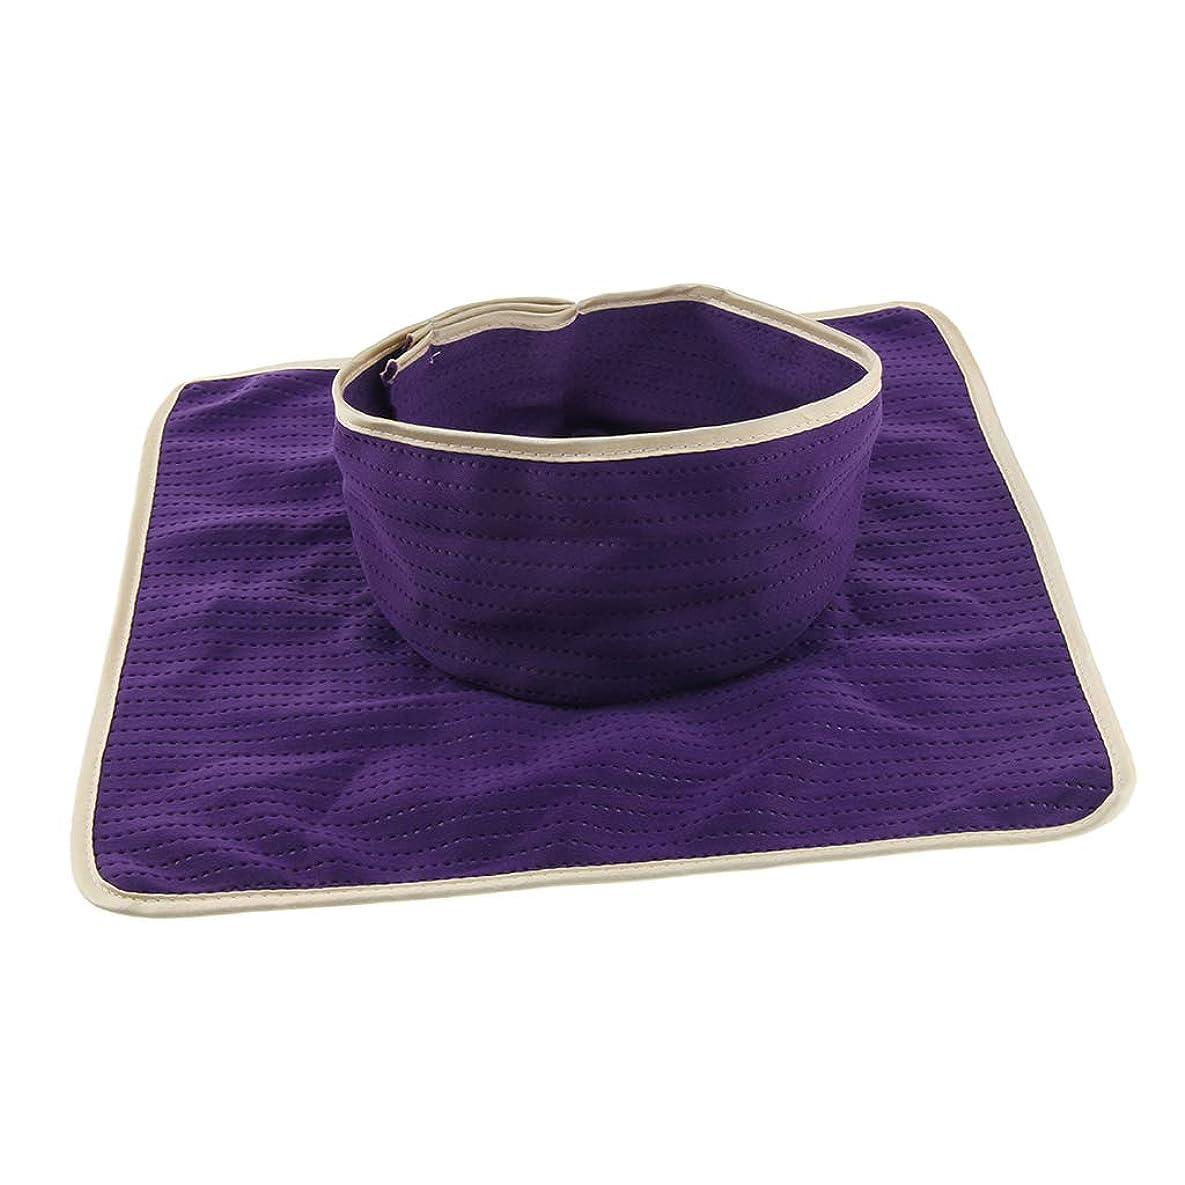 殺人者電子好みPerfeclan マッサージ ベッドカバー シート パッド 洗濯可能 再利用可能 約35×35cm 全3色 - 紫